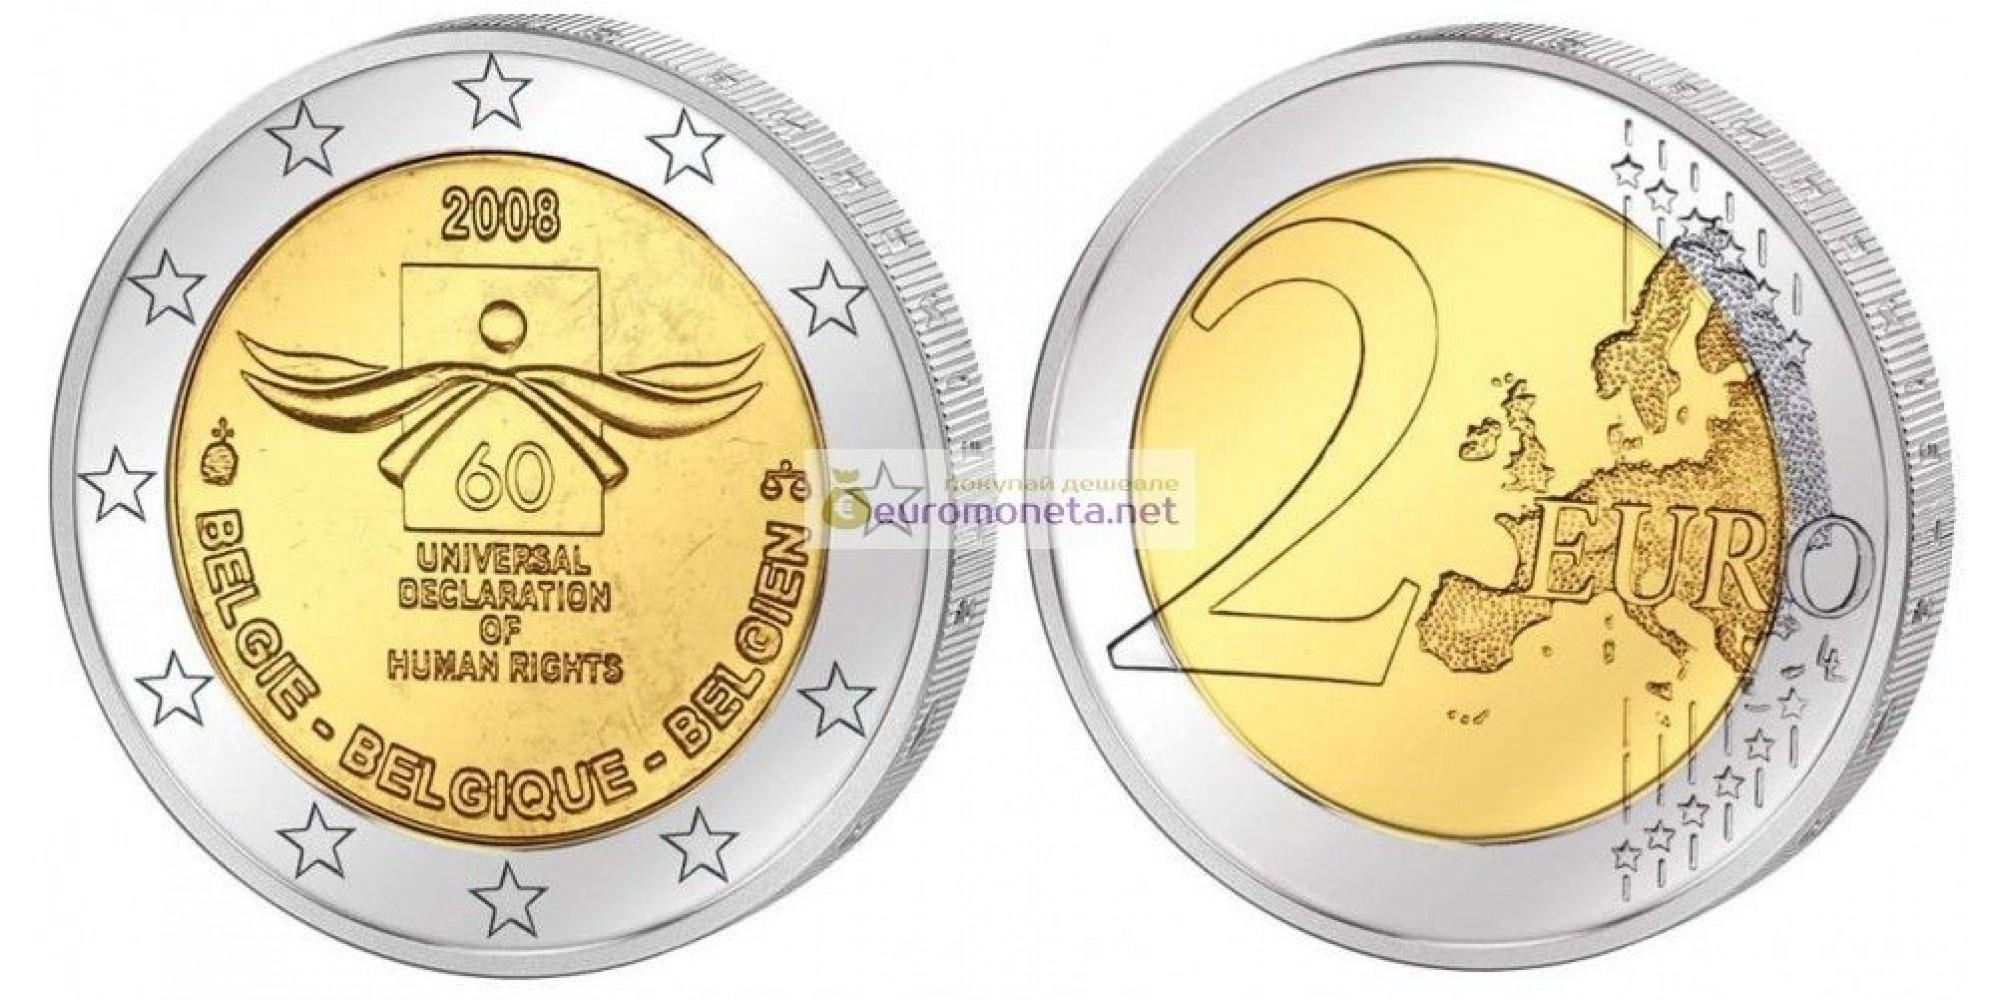 Бельгия 2 евро 2008 год 60 лет Декларации прав человека, биметалл АЦ из ролла